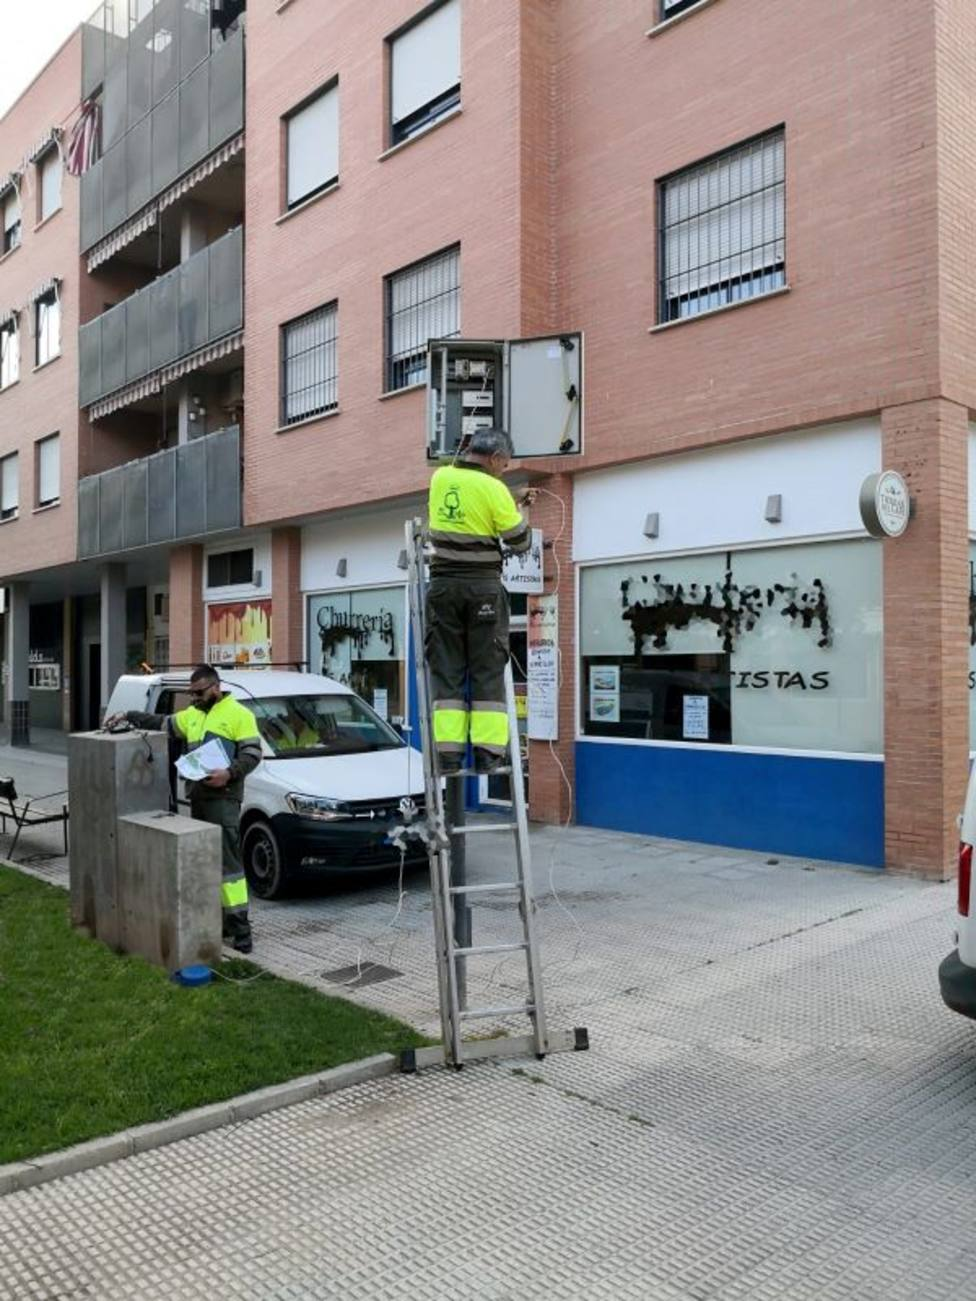 Más de 50 jardines son controlados y vigilados de forma remota gracias al proyecto Murcia Smart City